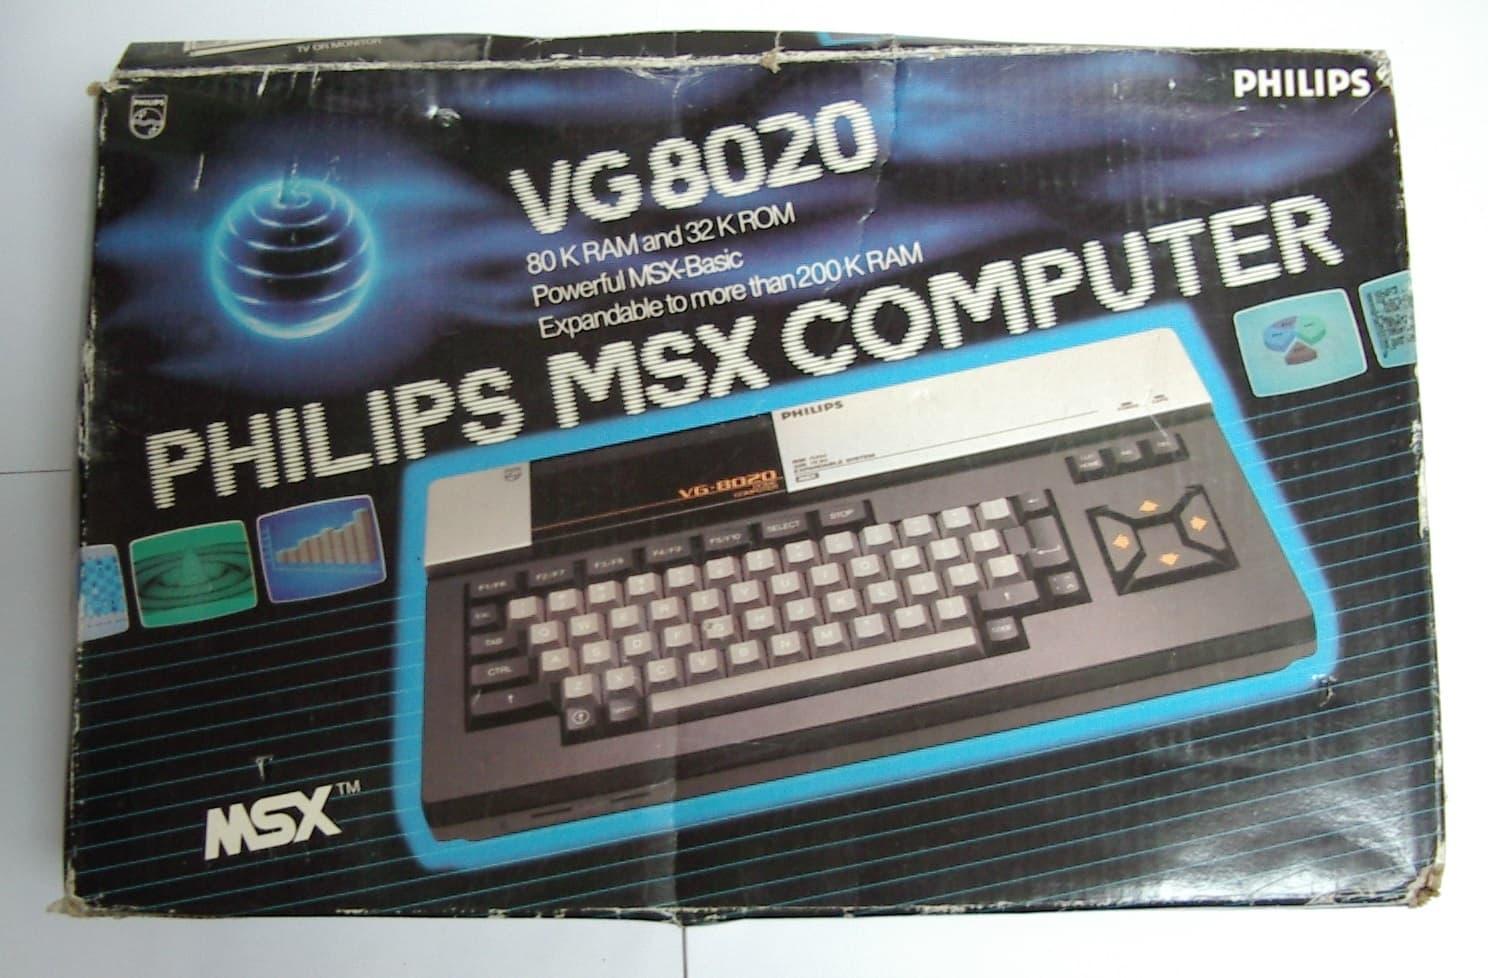 Vg8020e.jpg